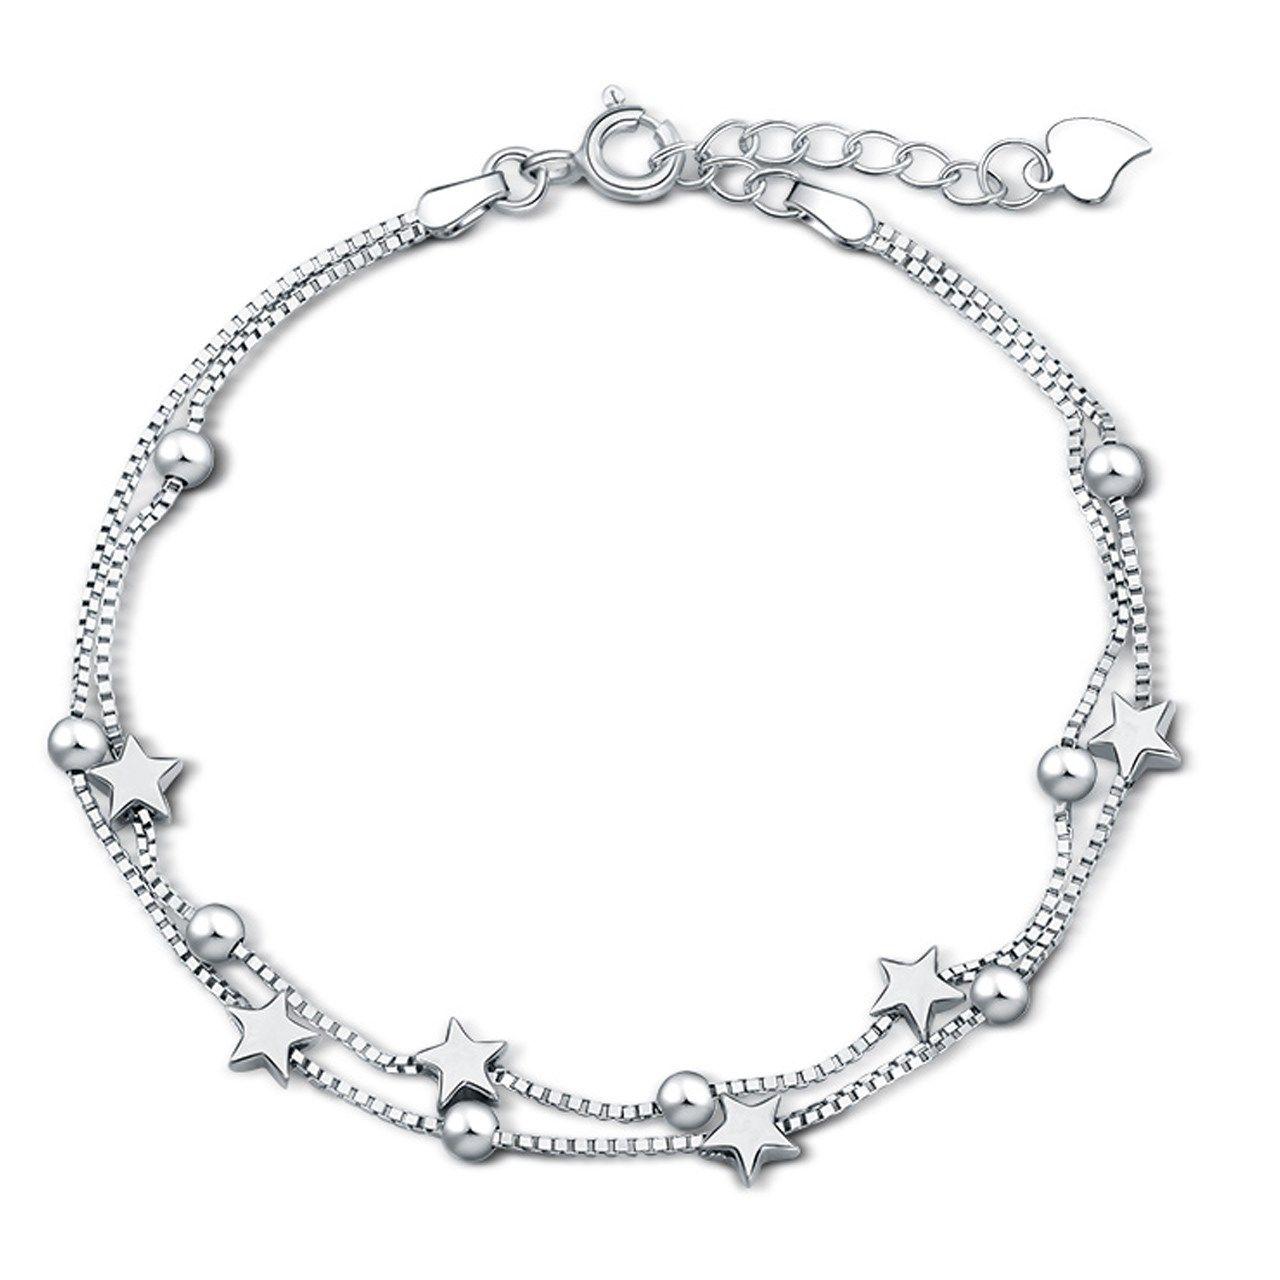 دستبند نقره شهر جواهر مدل SJ-BC023 -  - 2